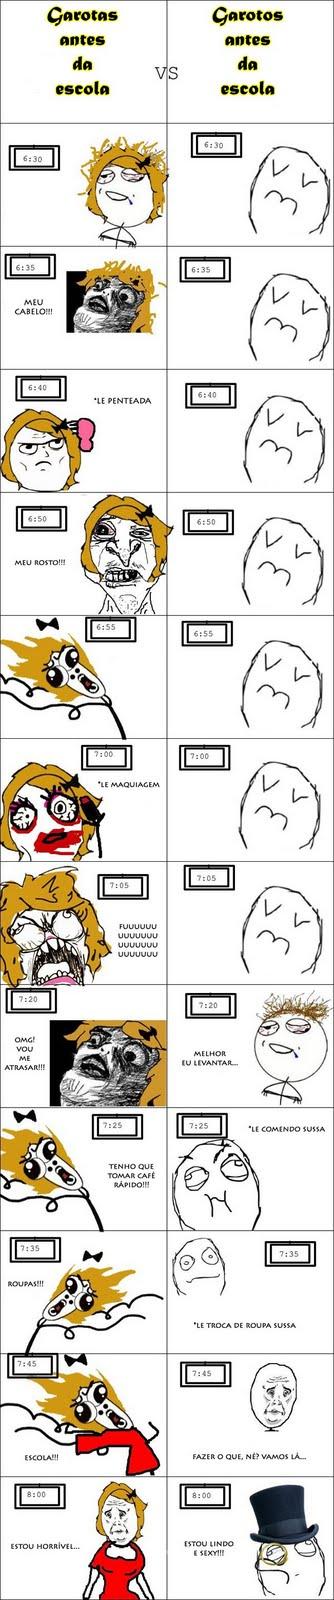 Garotas vs Garotos: Escola